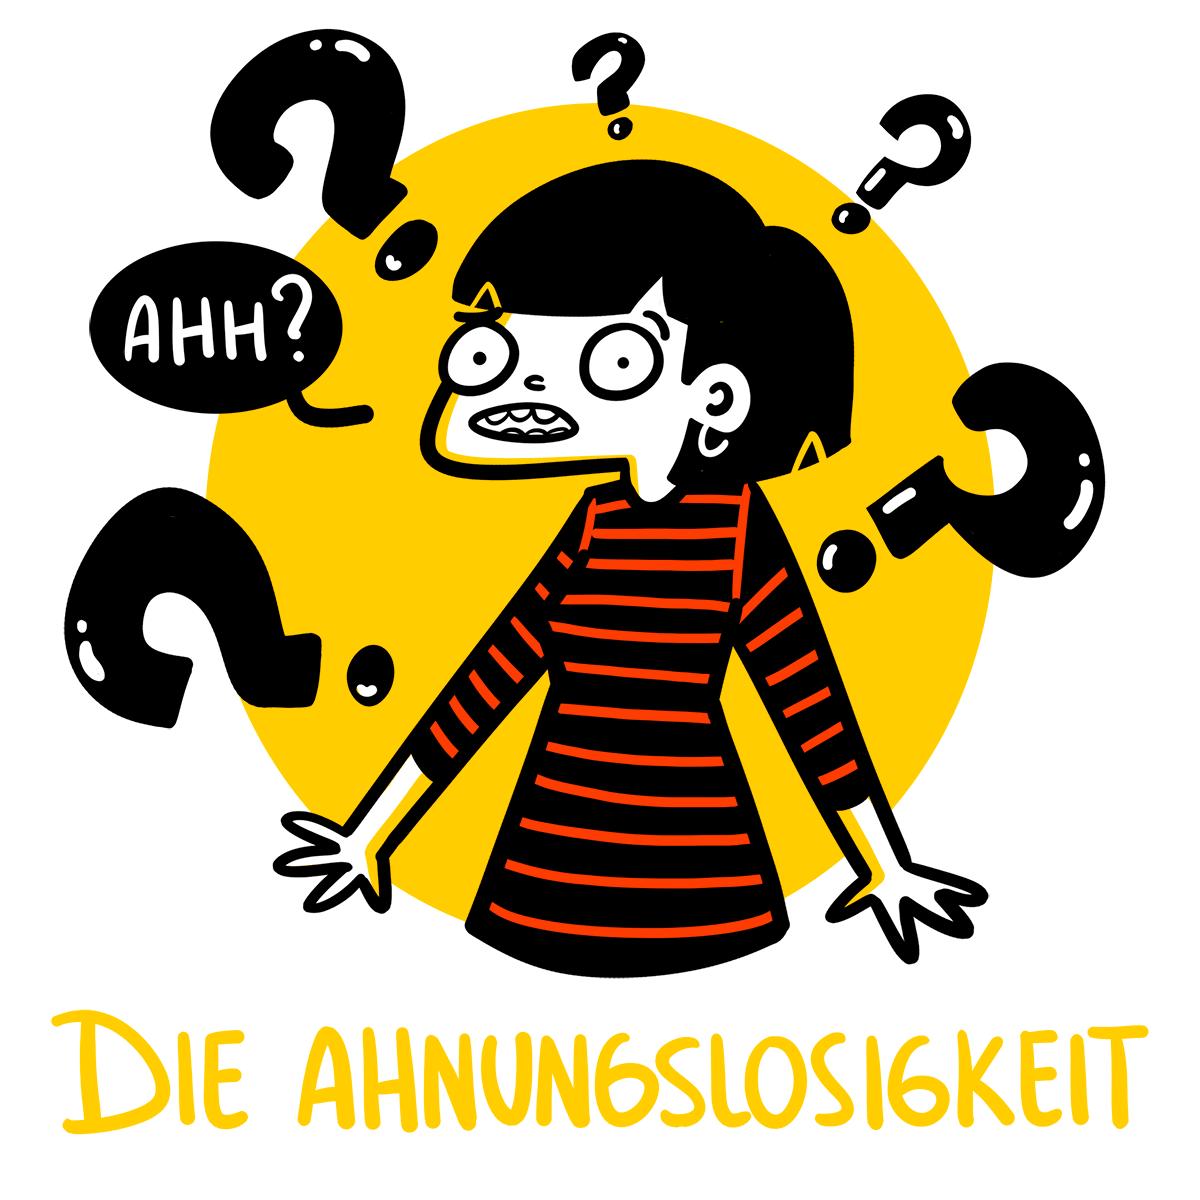 Die Ahnungslosigkeit est un de nos mots allemands préférés !